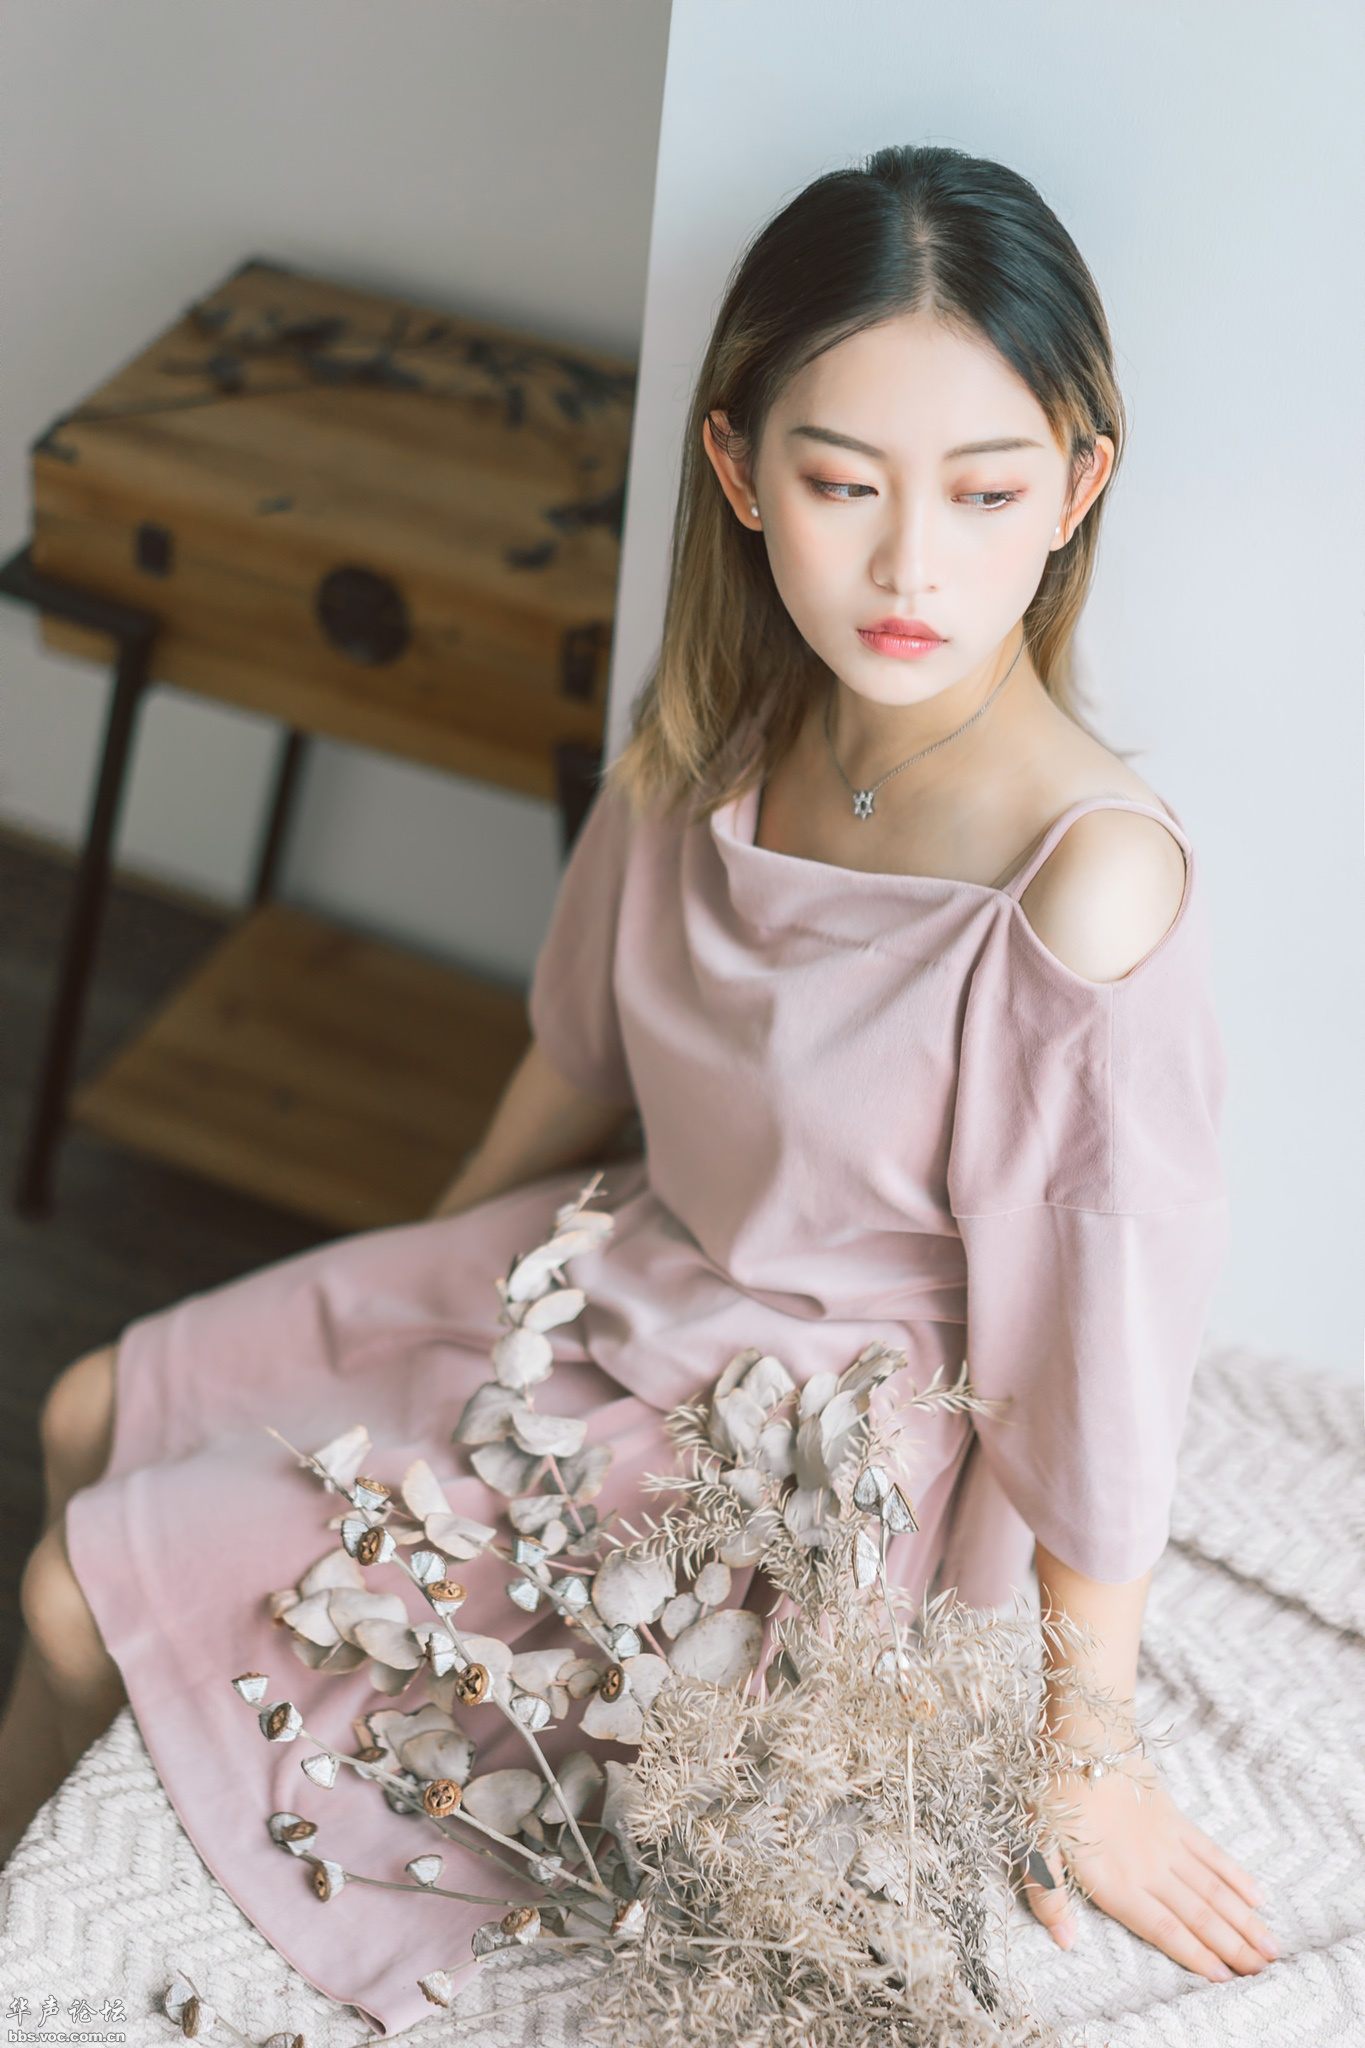 只想告诉你,我等你 - 樱子 - 樱子的博客